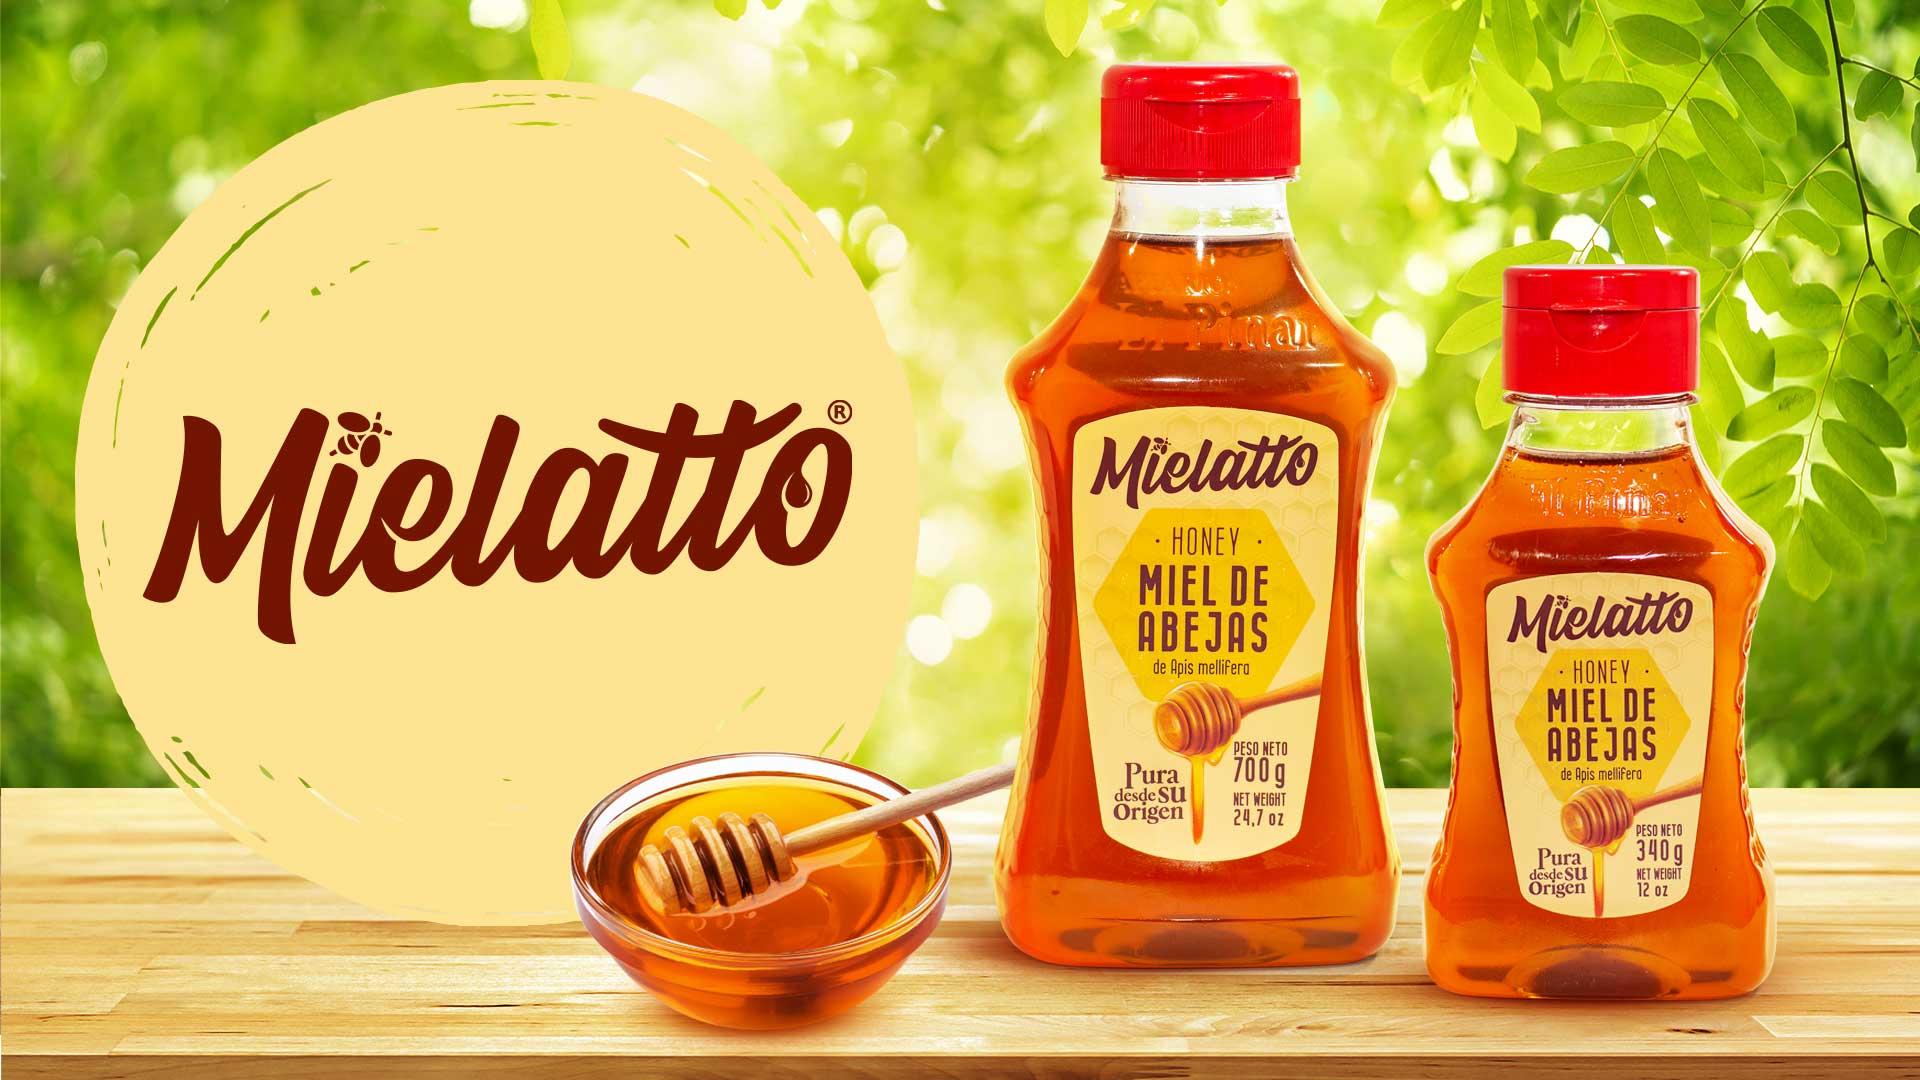 Diseño de marca, etiquetas y fotografías MIELATTO